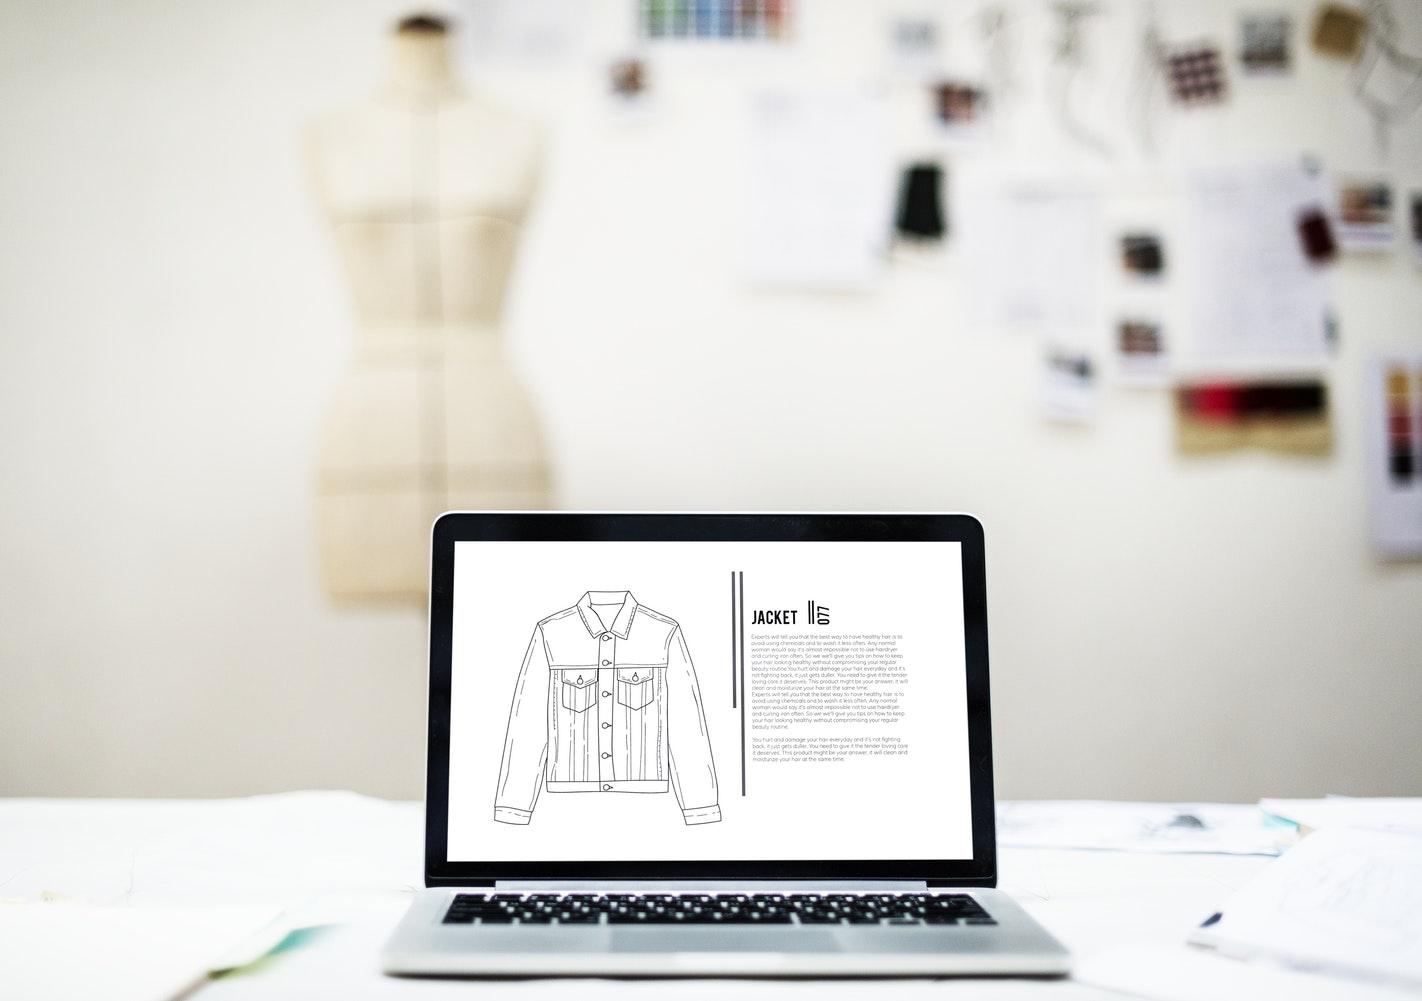 công việc ngành thời trang 3